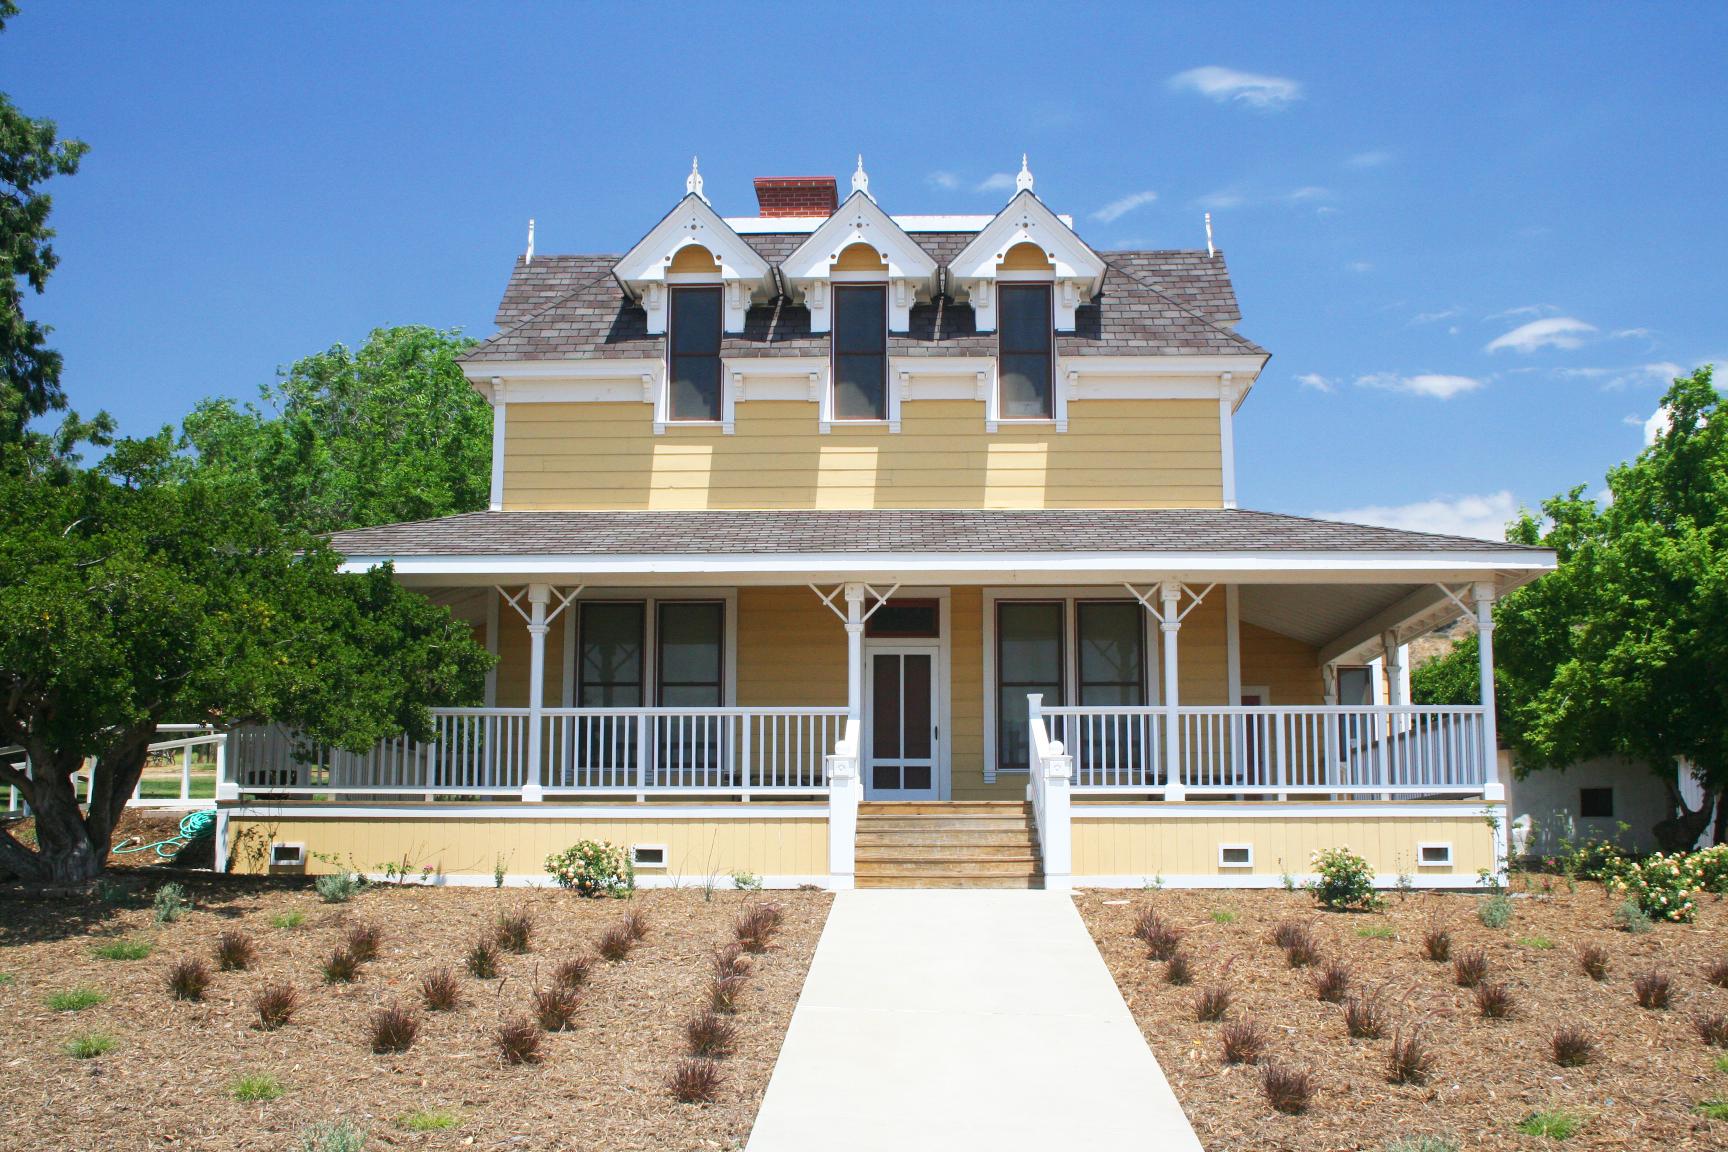 House at Gilman Ranch